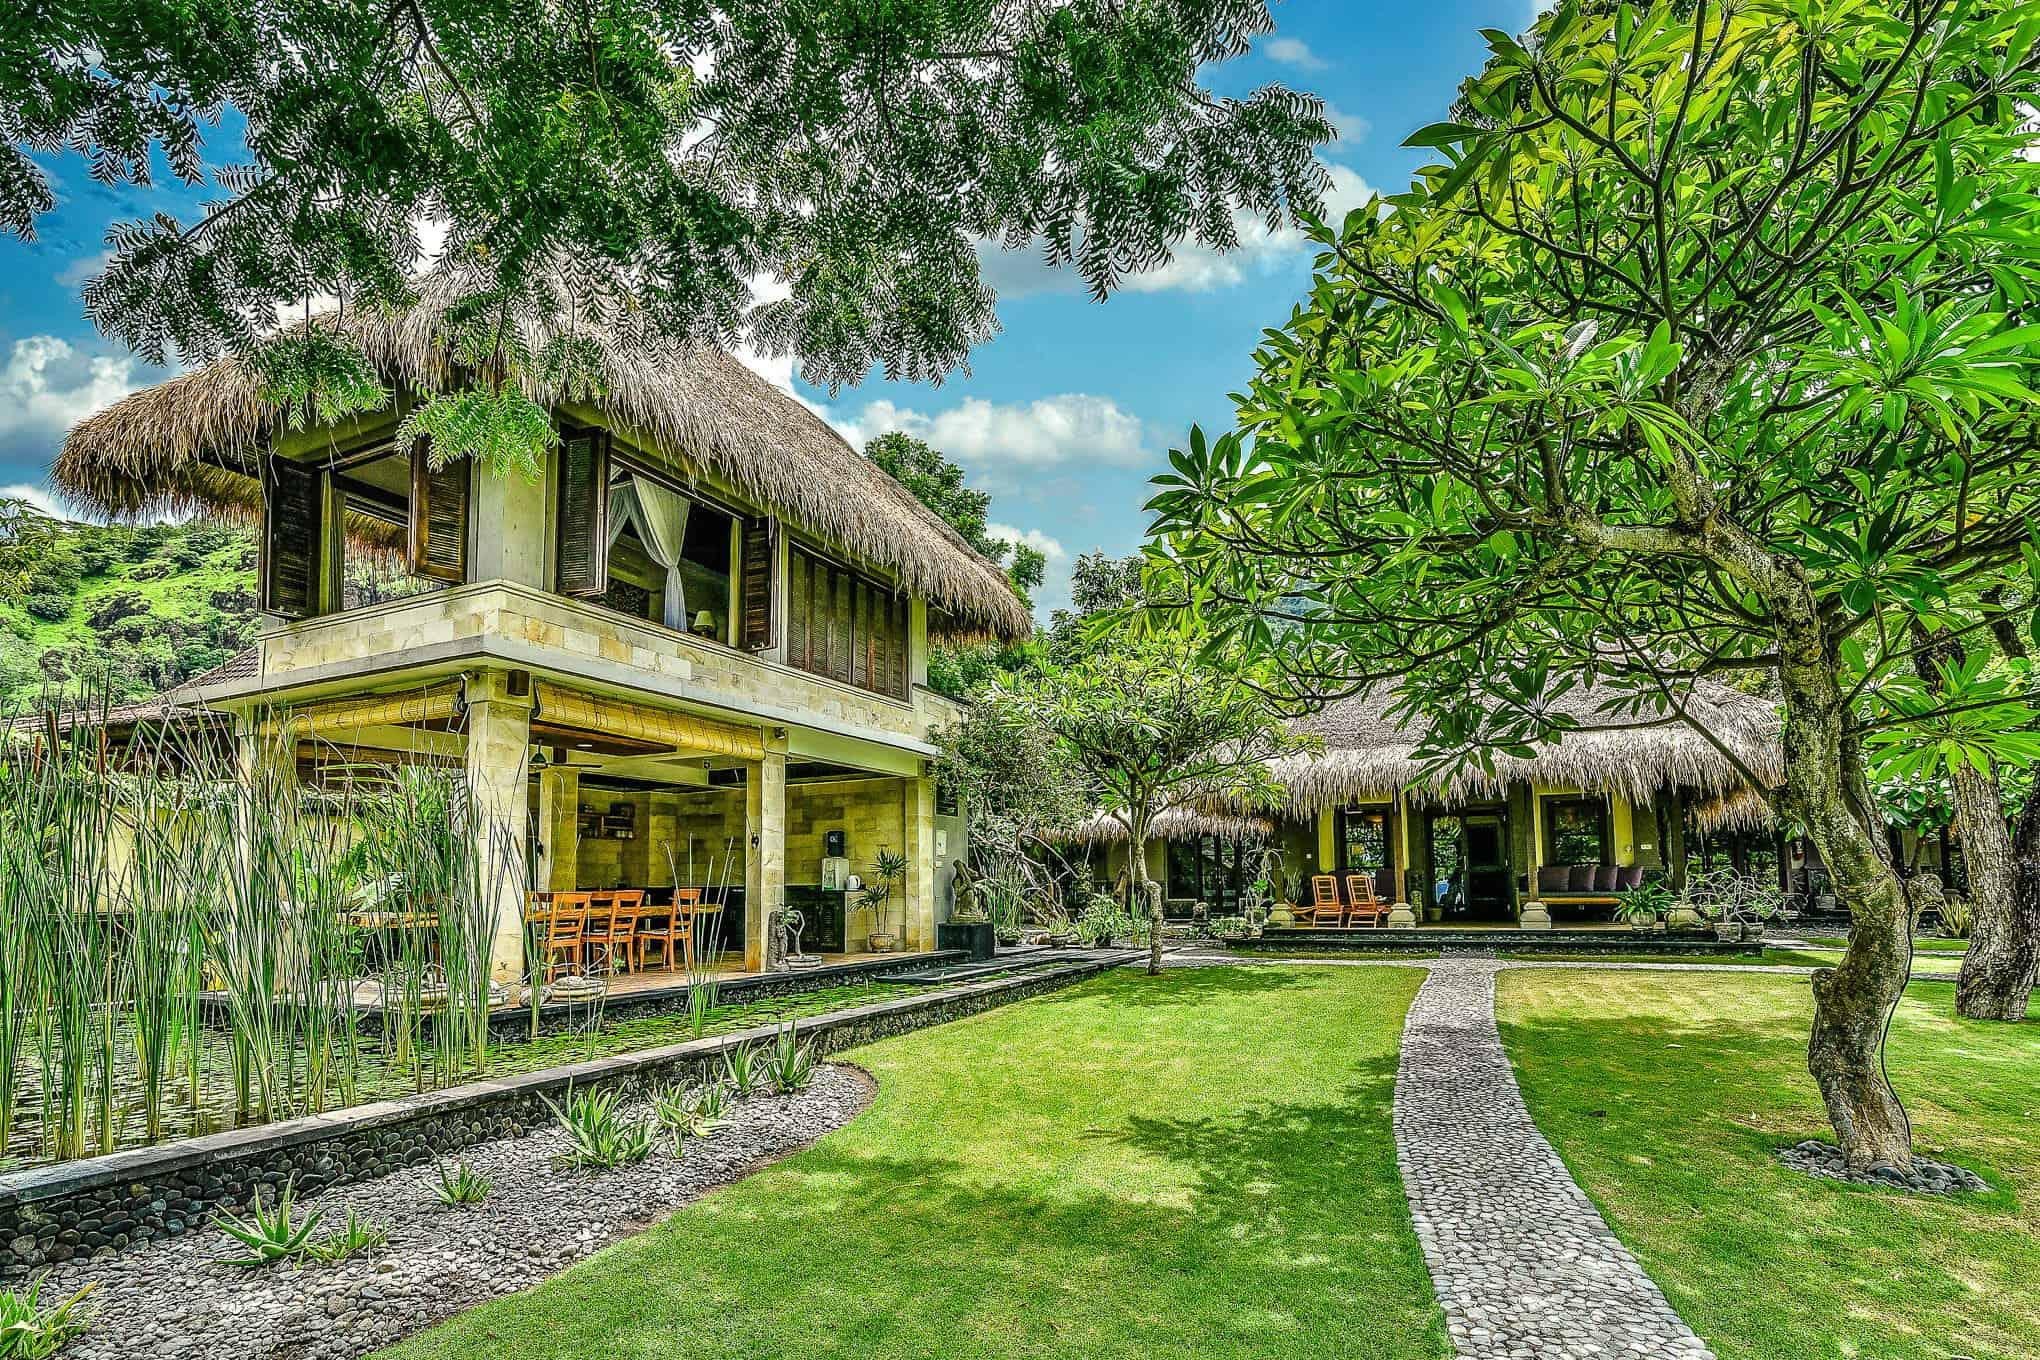 villa-semadhi-bali-vacation-homes-1